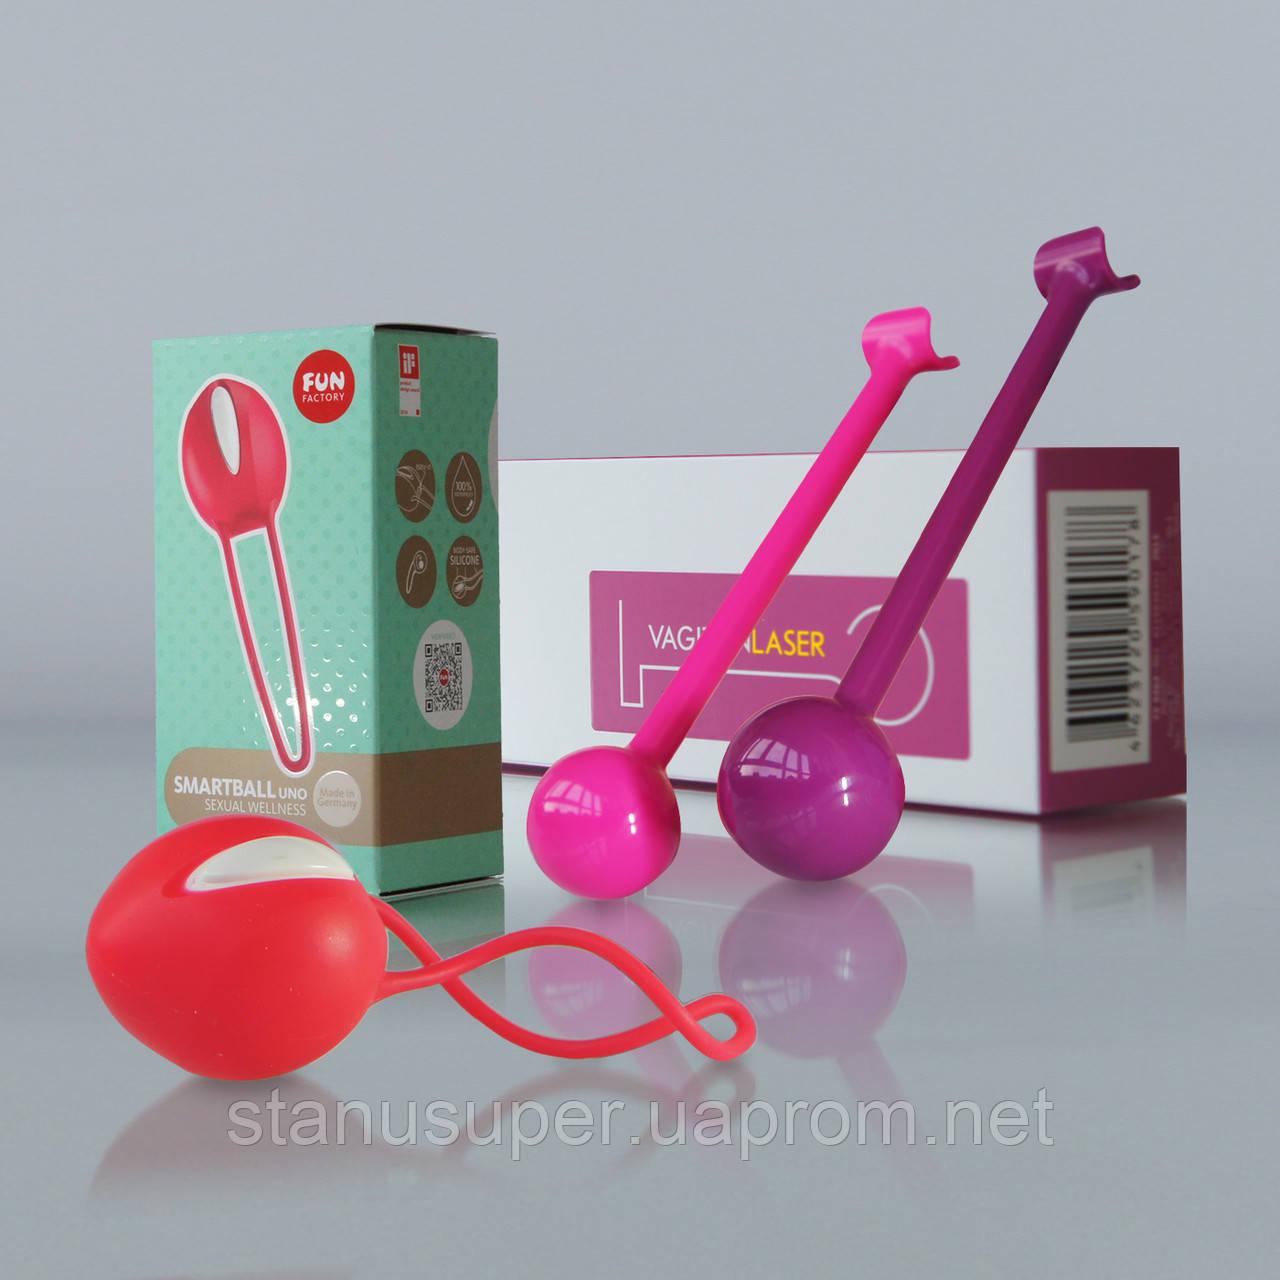 Минамальный набор для начинающих интимные тренировки по системе Вагитон: VAGITON Laser + SmartBall Uno.